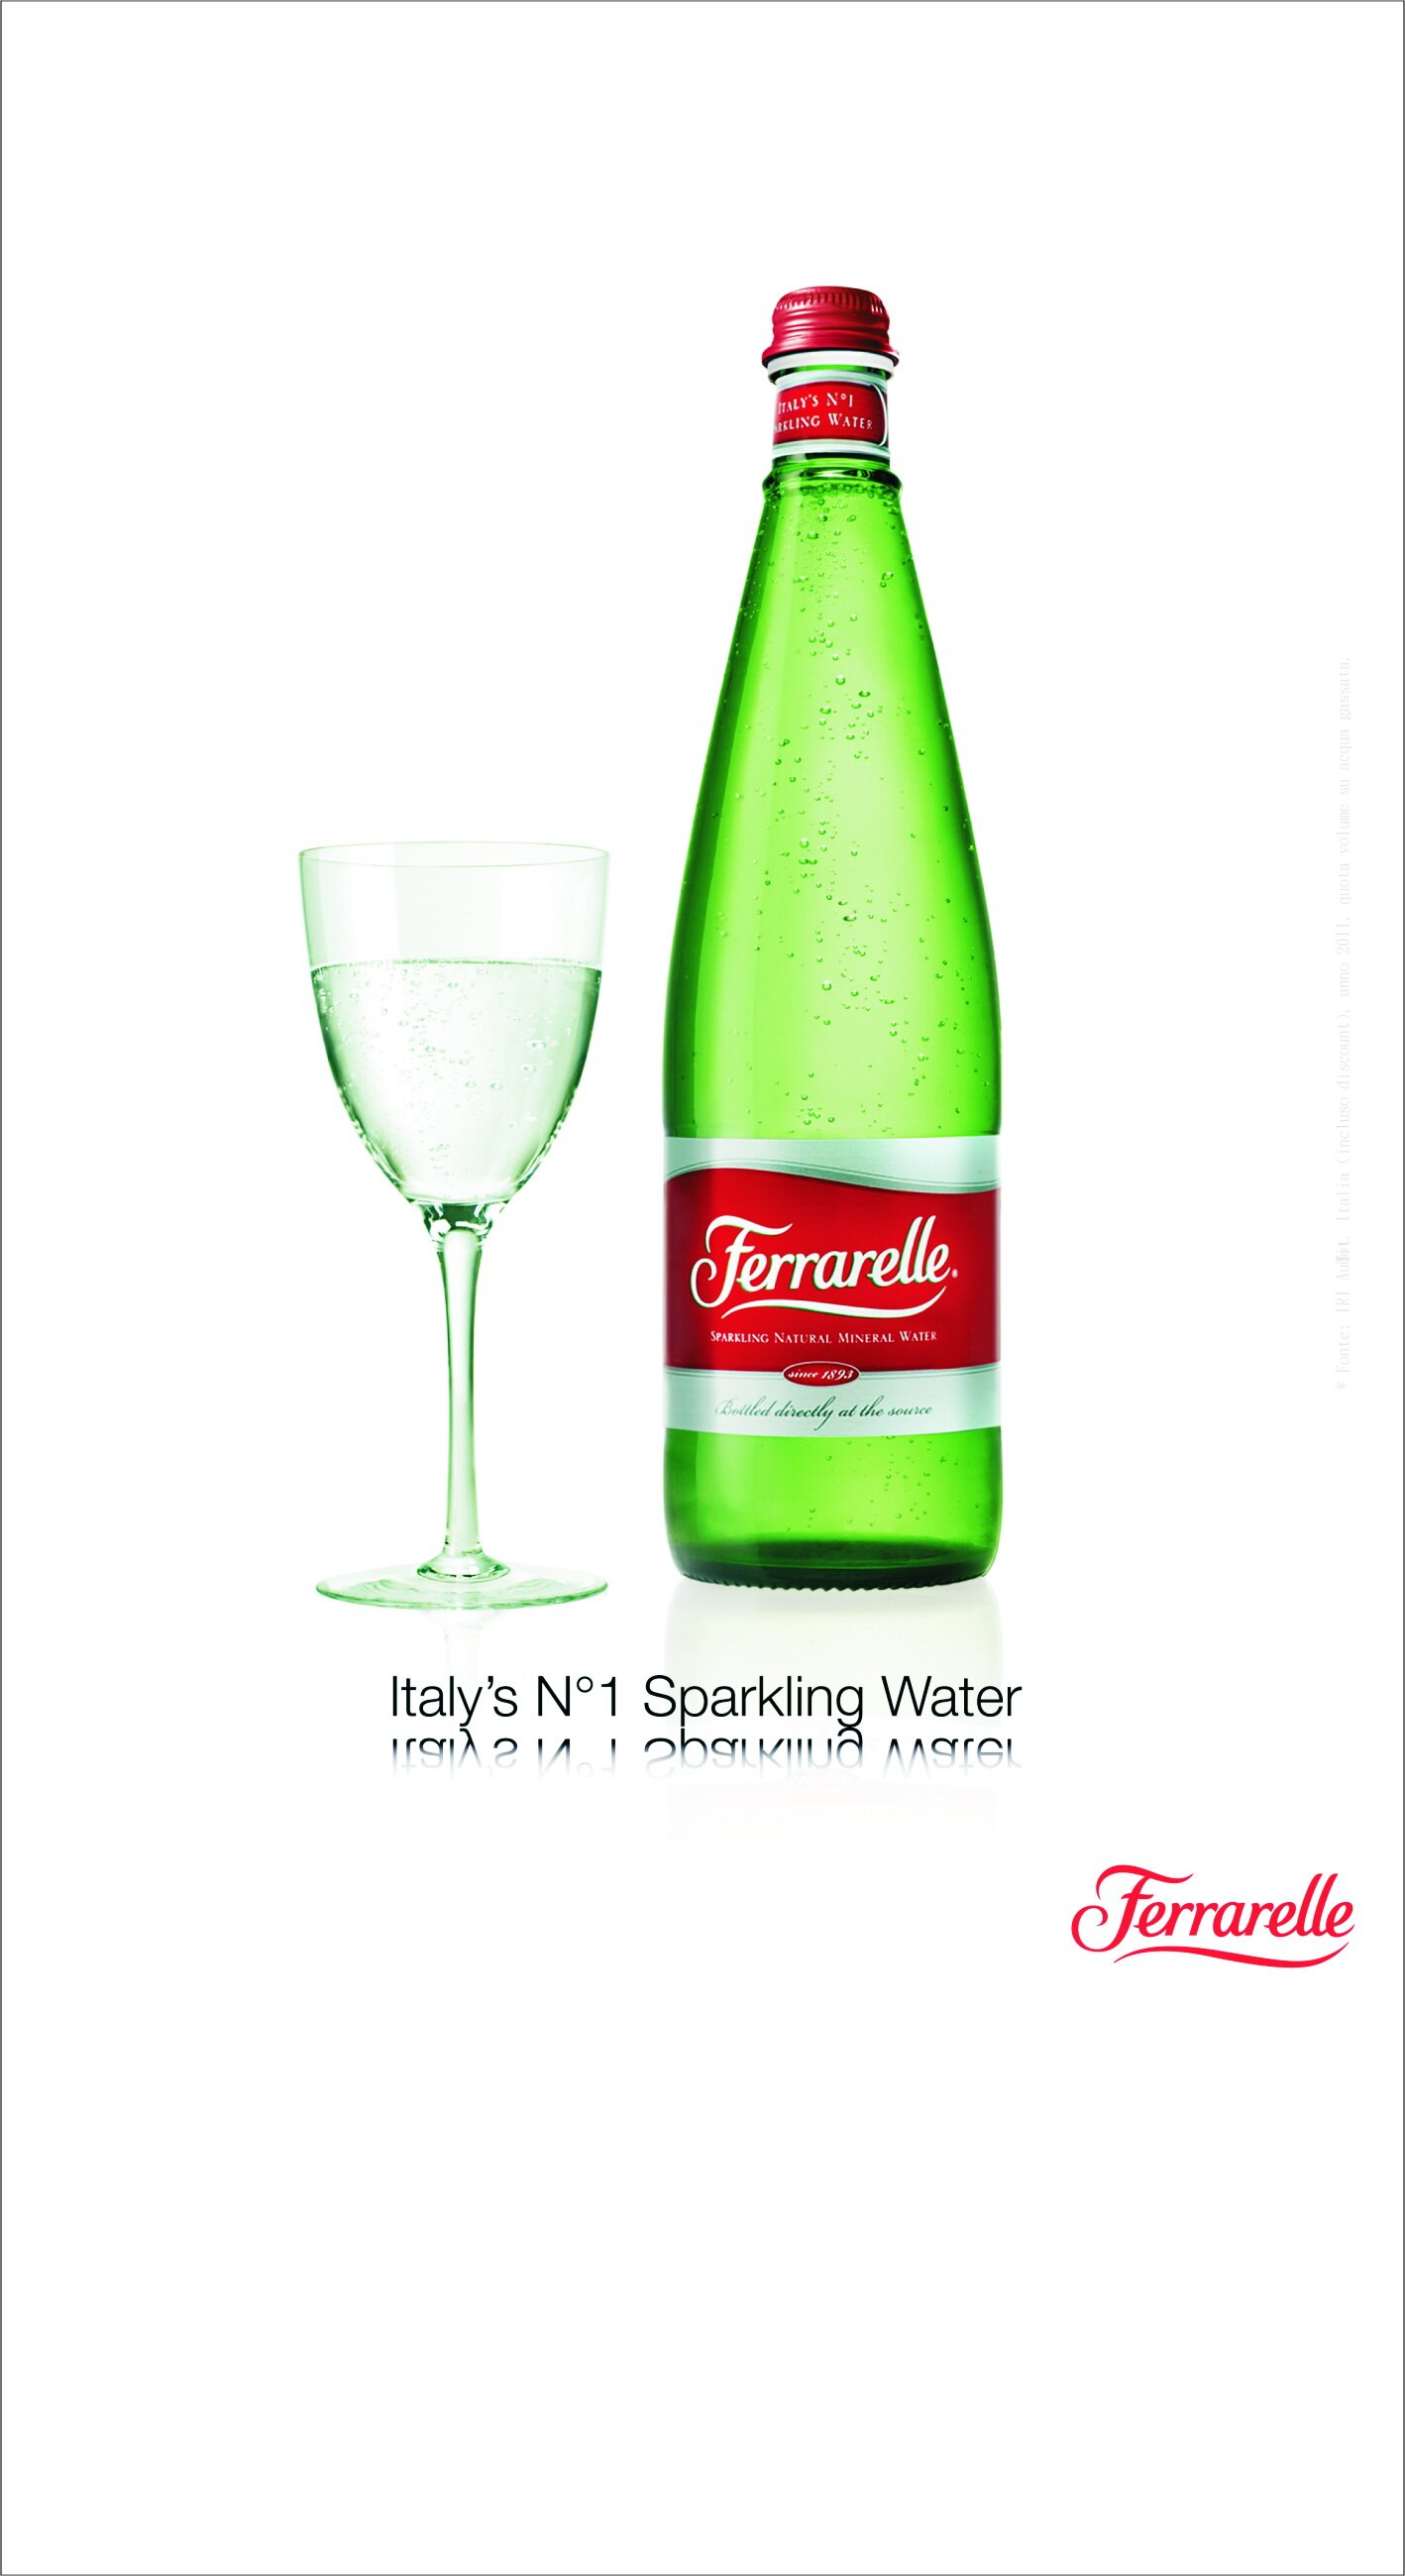 義大利法拉蕊天然氣泡礦泉水750ml*12瓶/箱 1